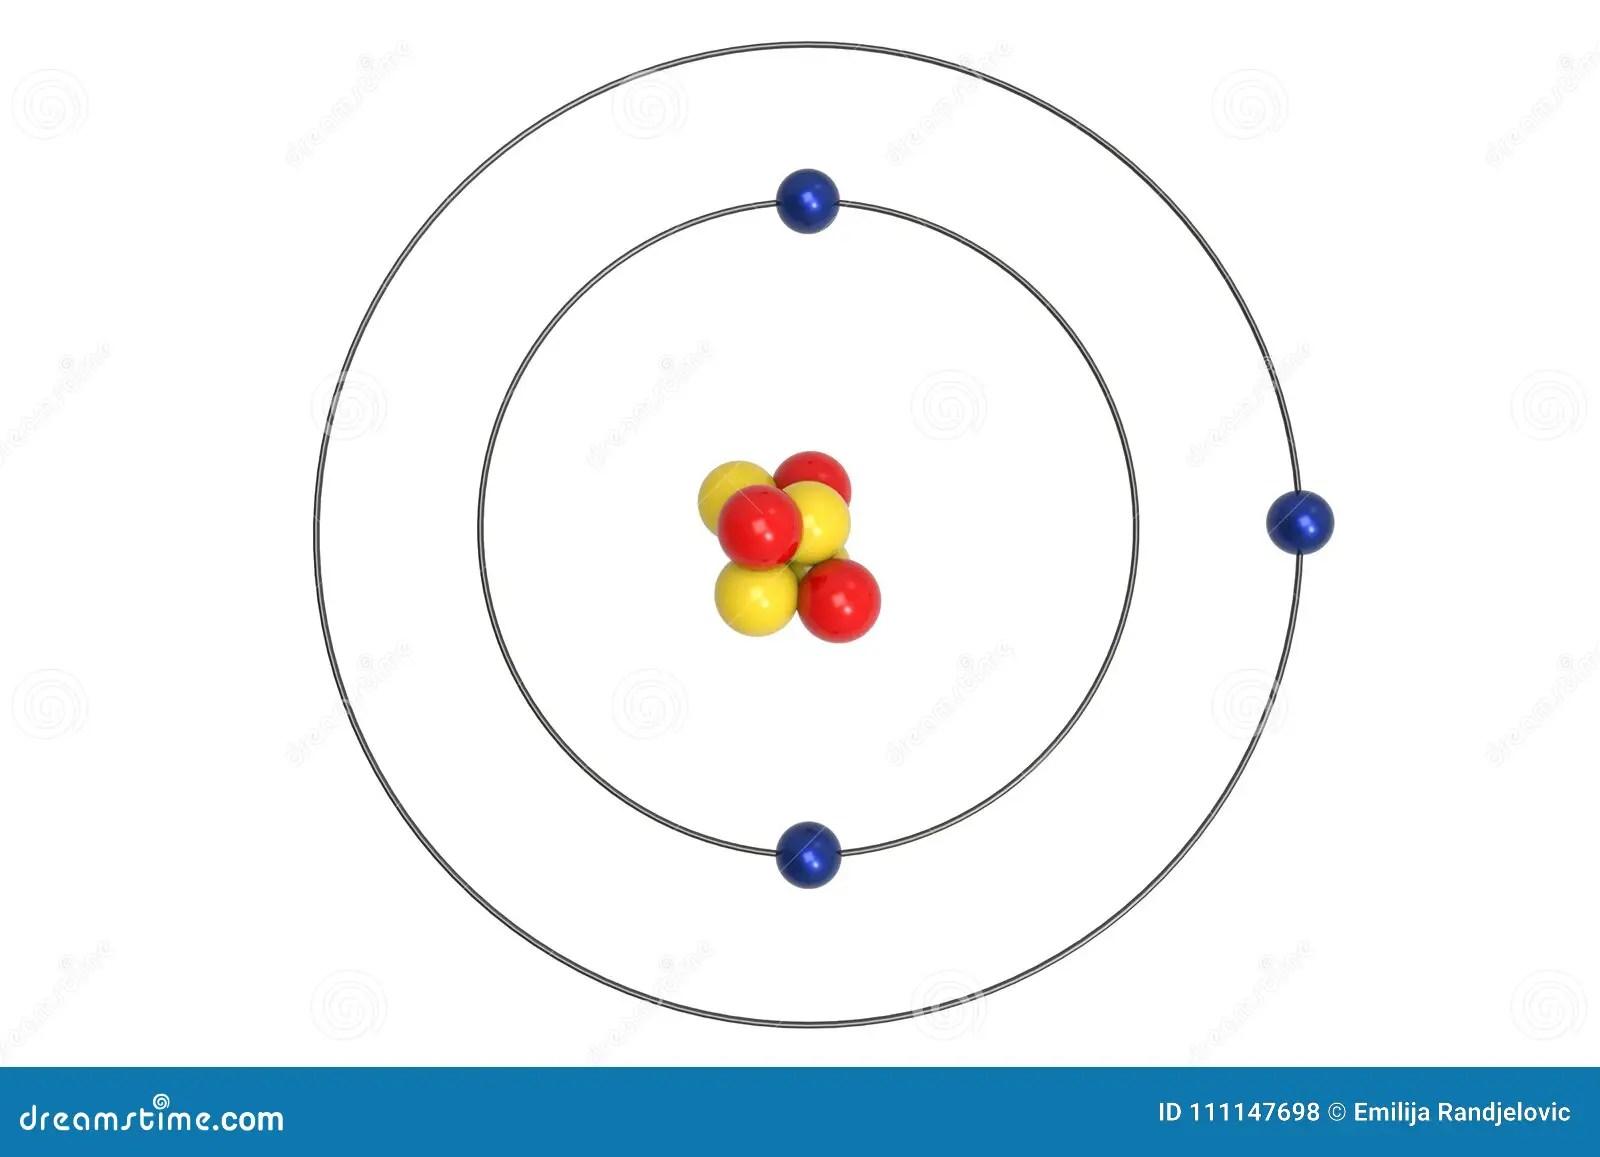 Lithium Atom Bohr Modell Mit Proton Neutron Und Elektron